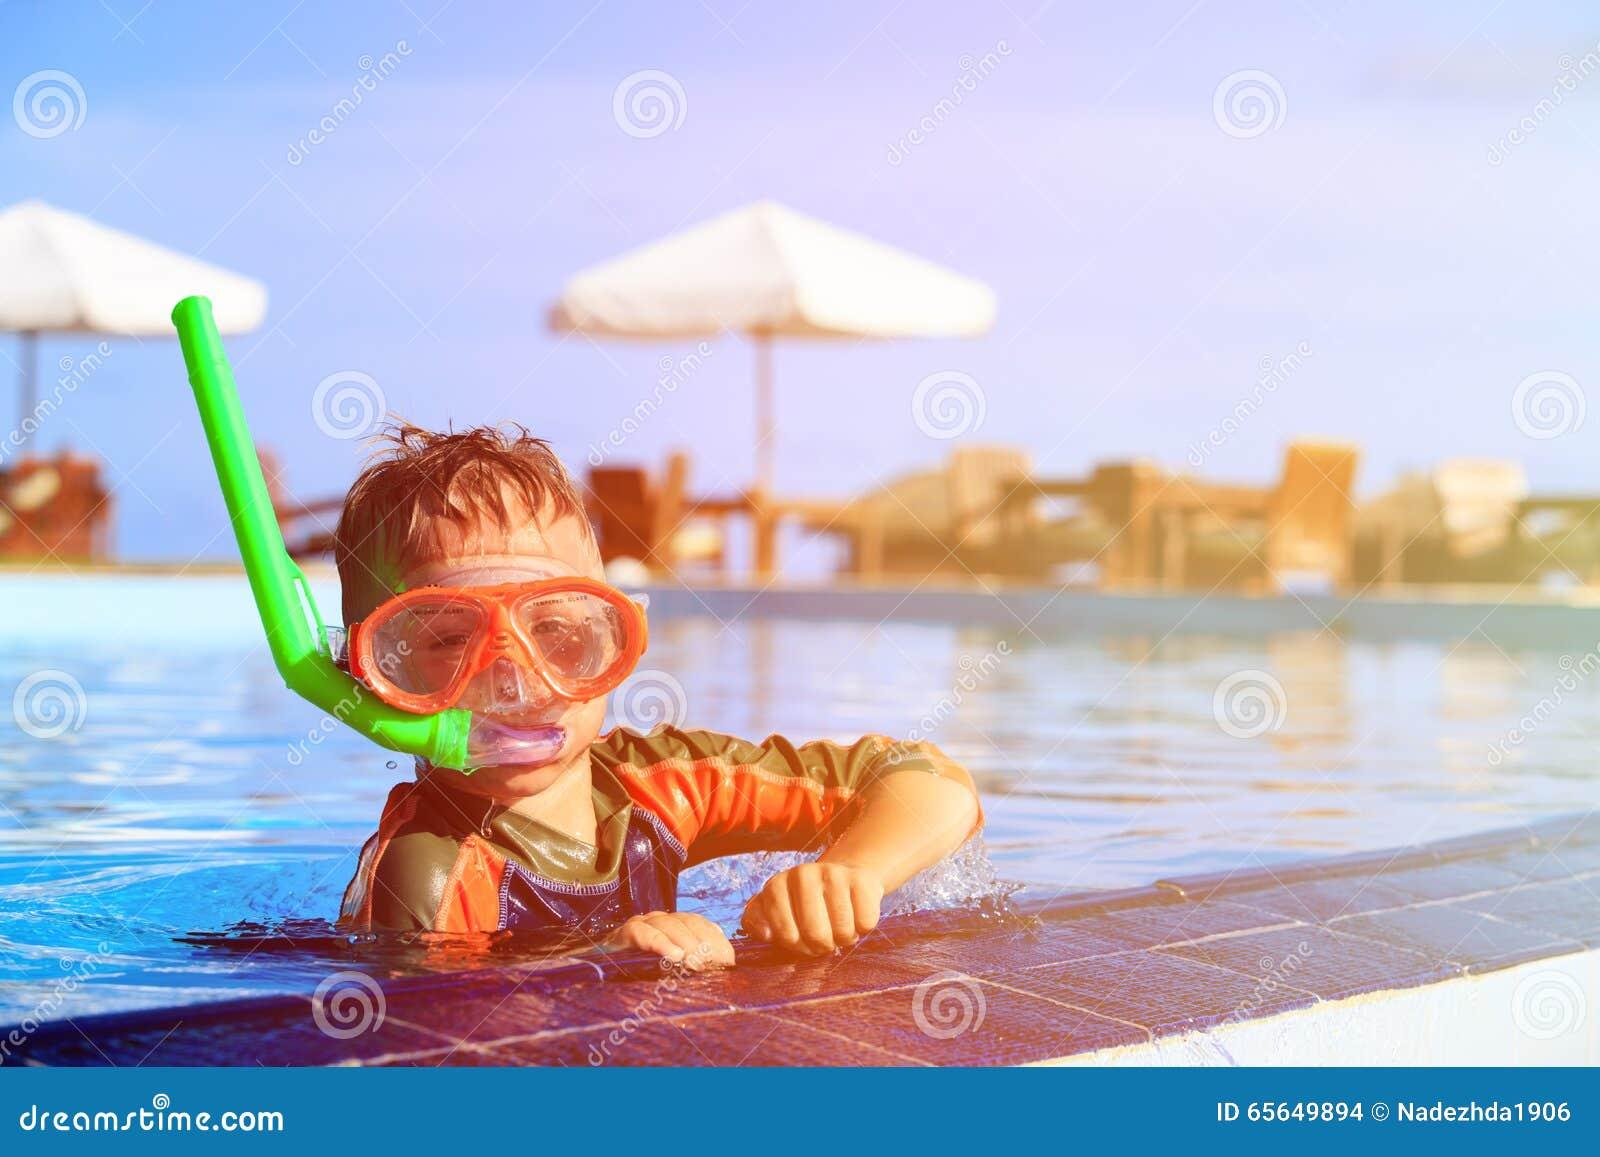 Weinig jongen die met masker in pool zwemmen